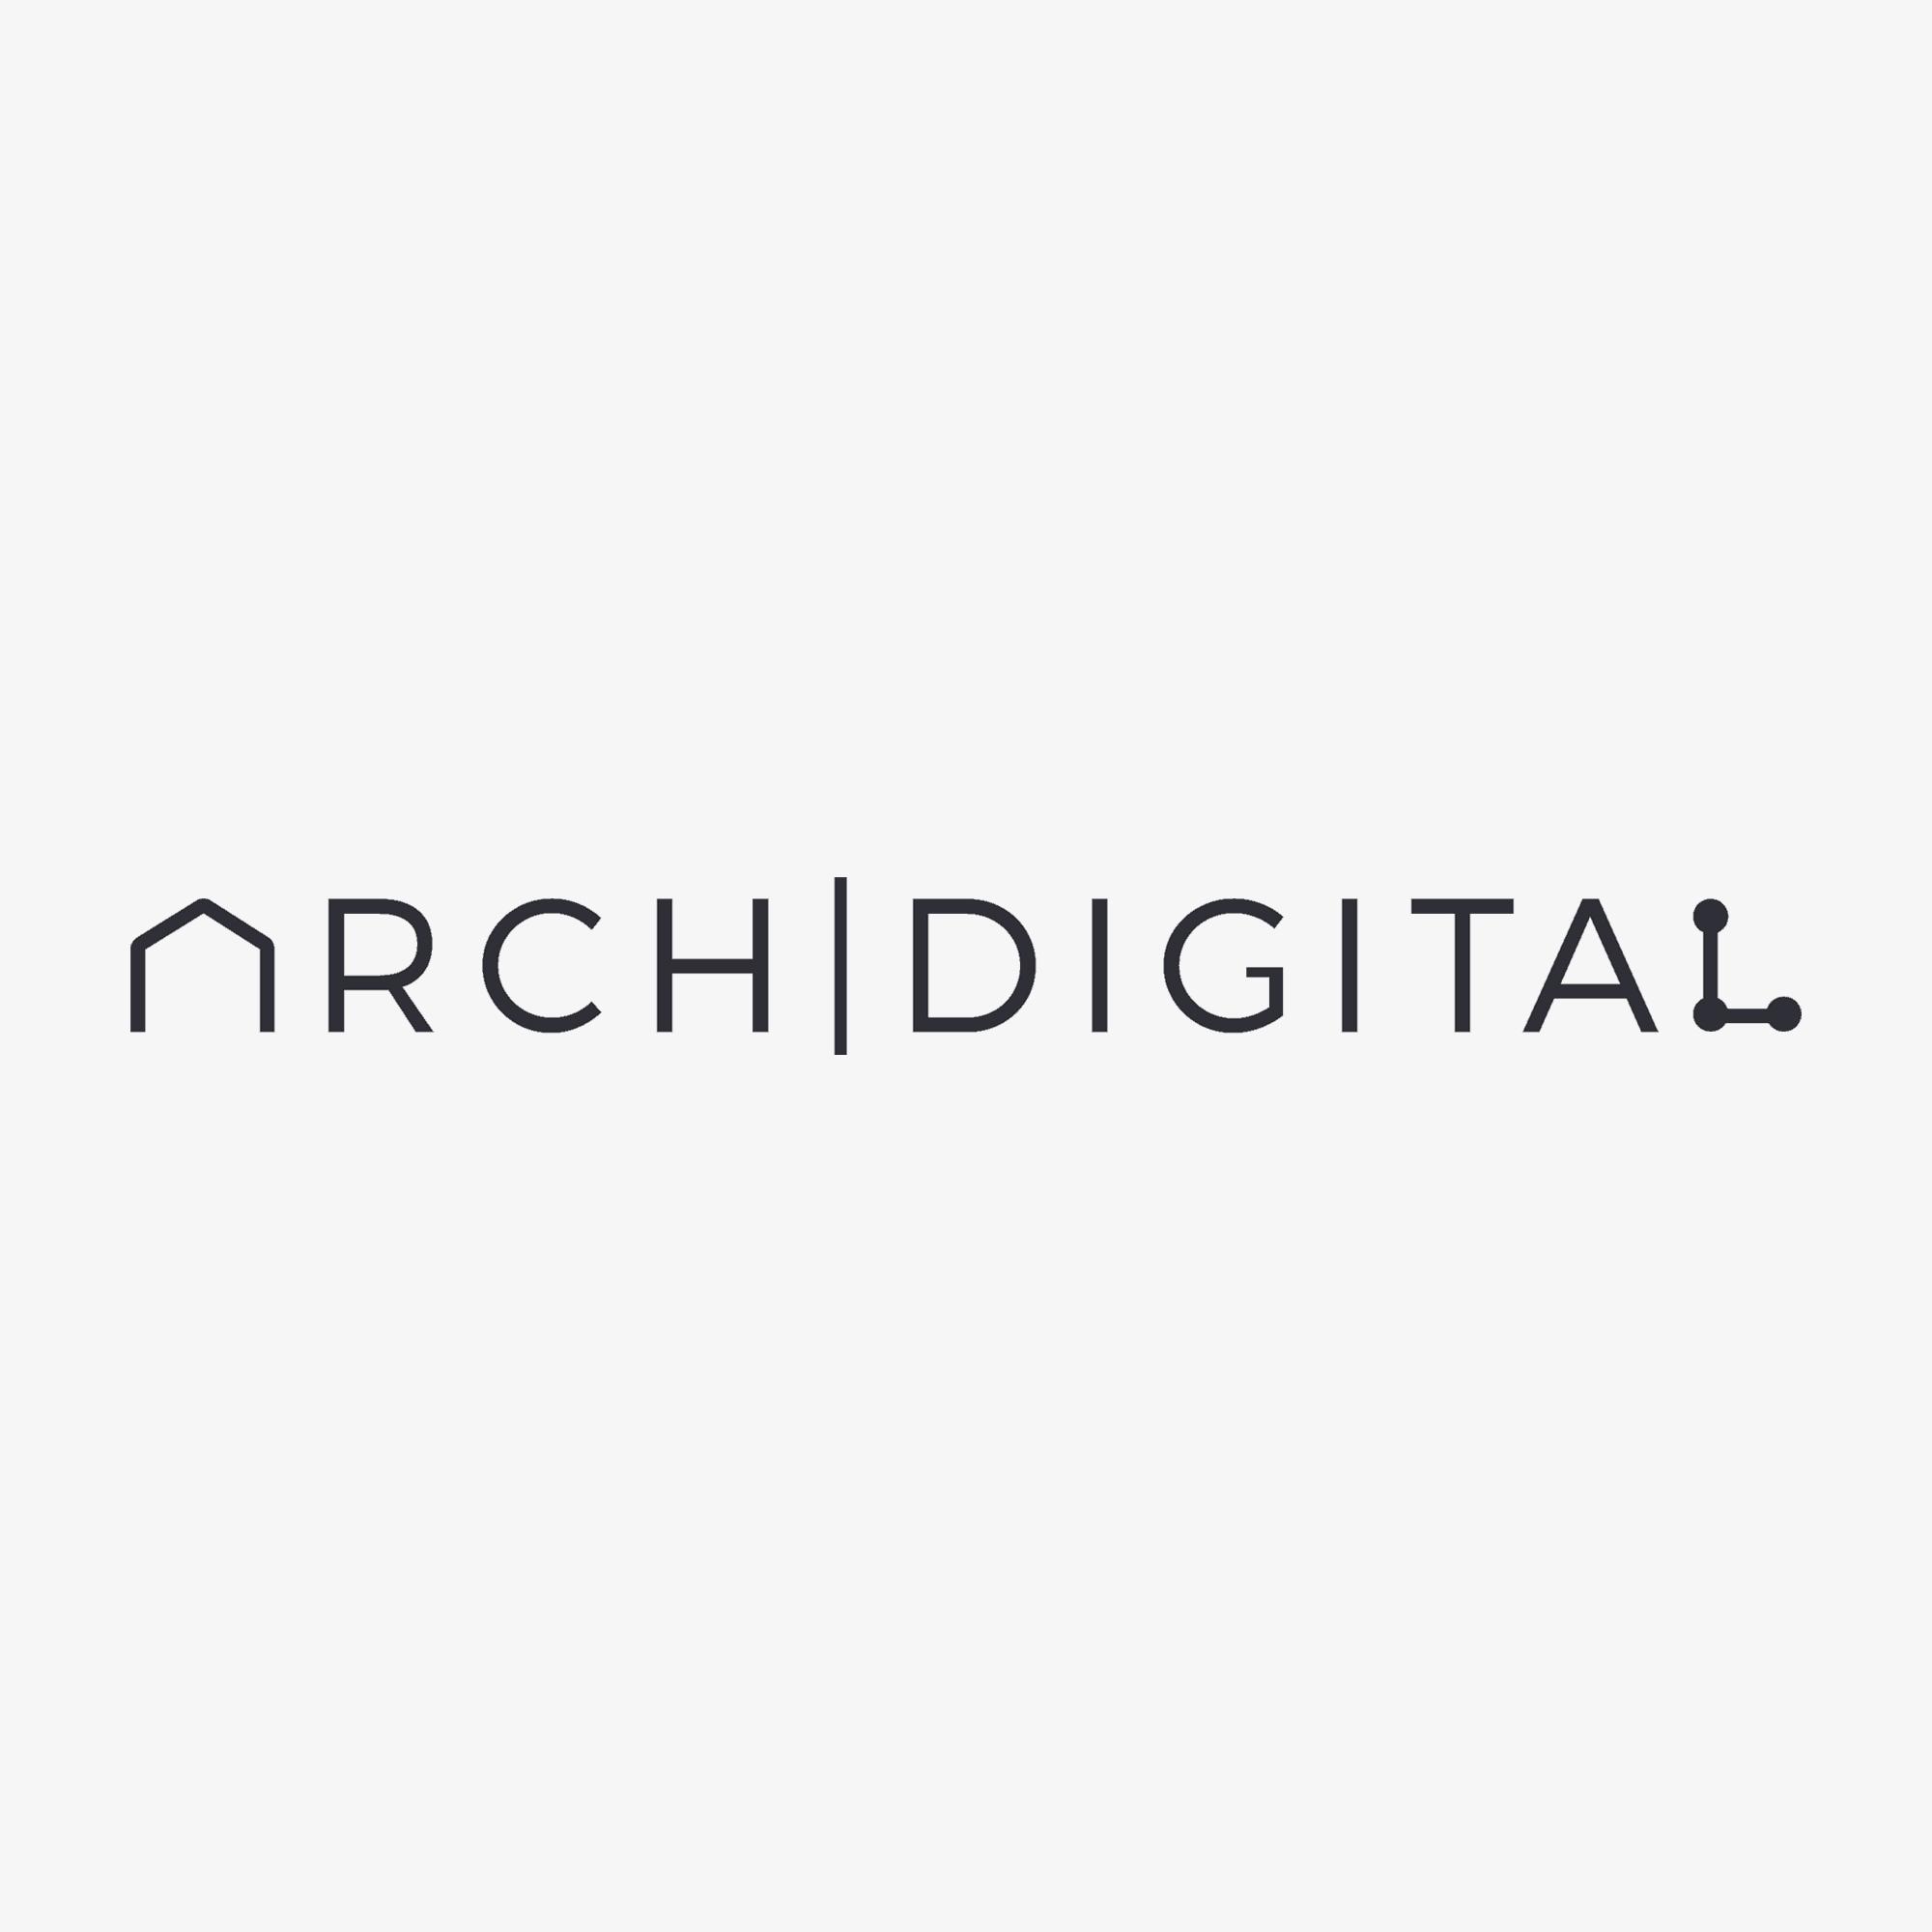 Archdigital.jpg